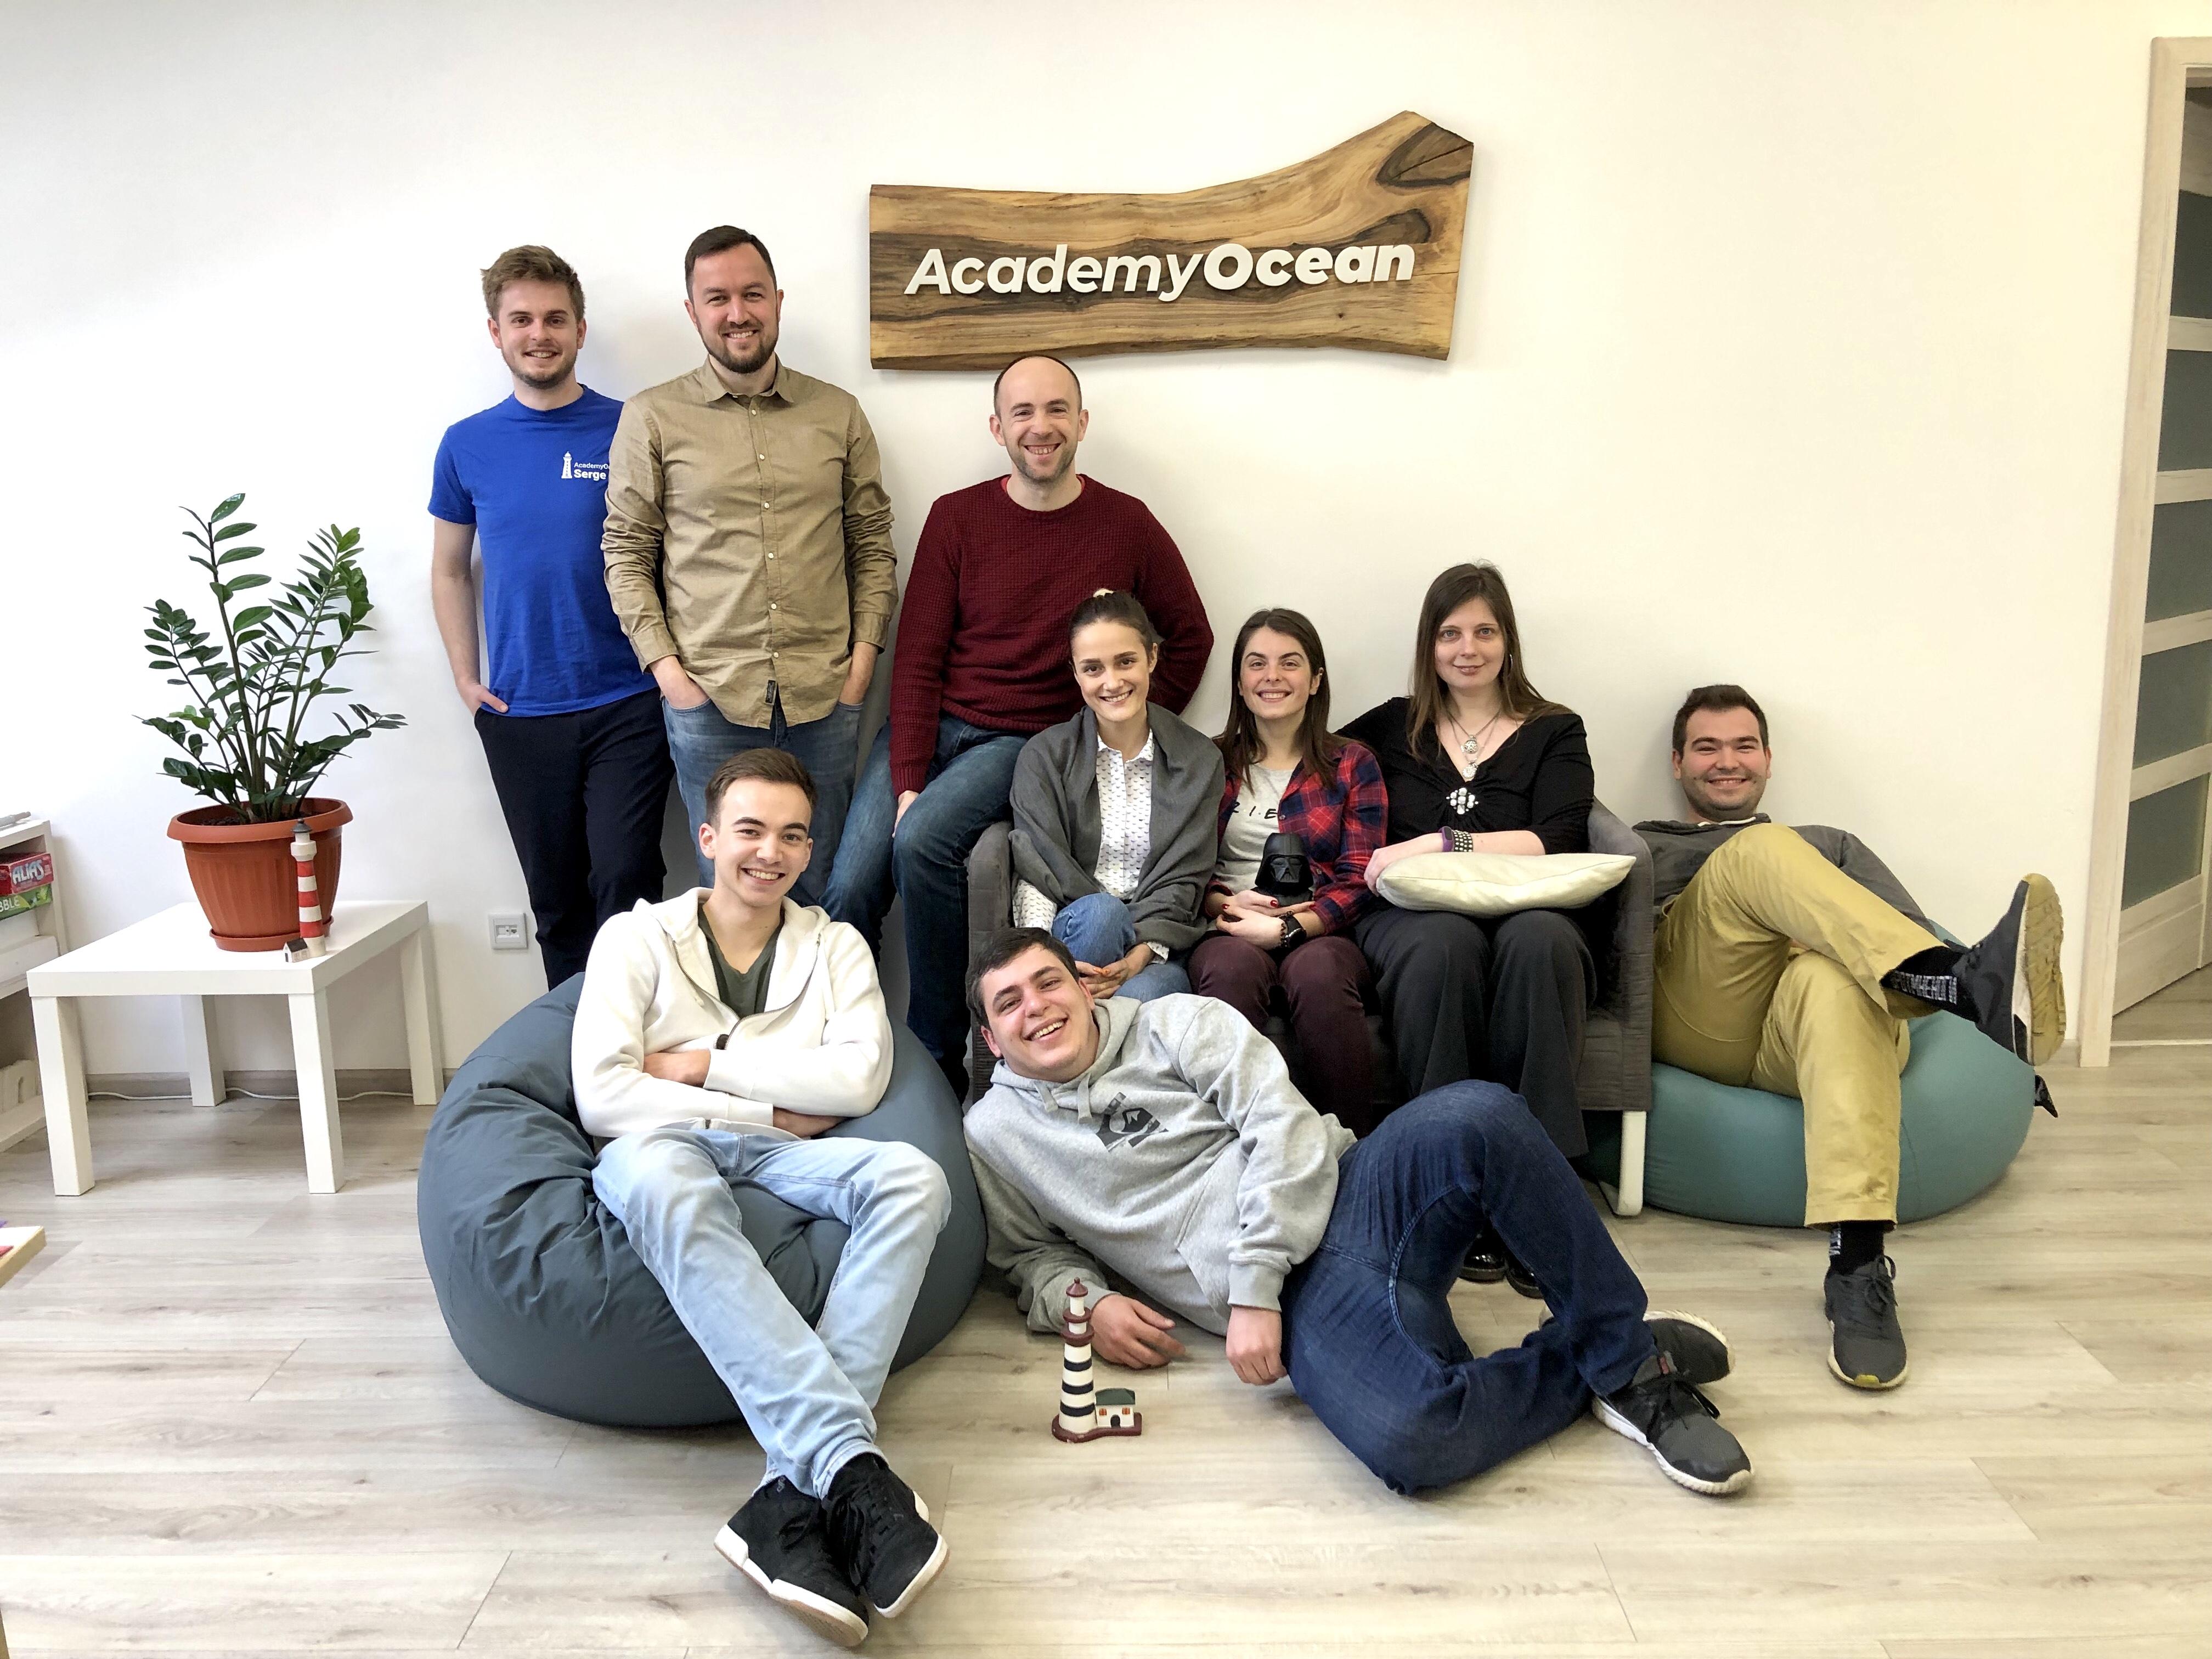 AcademyOcean team